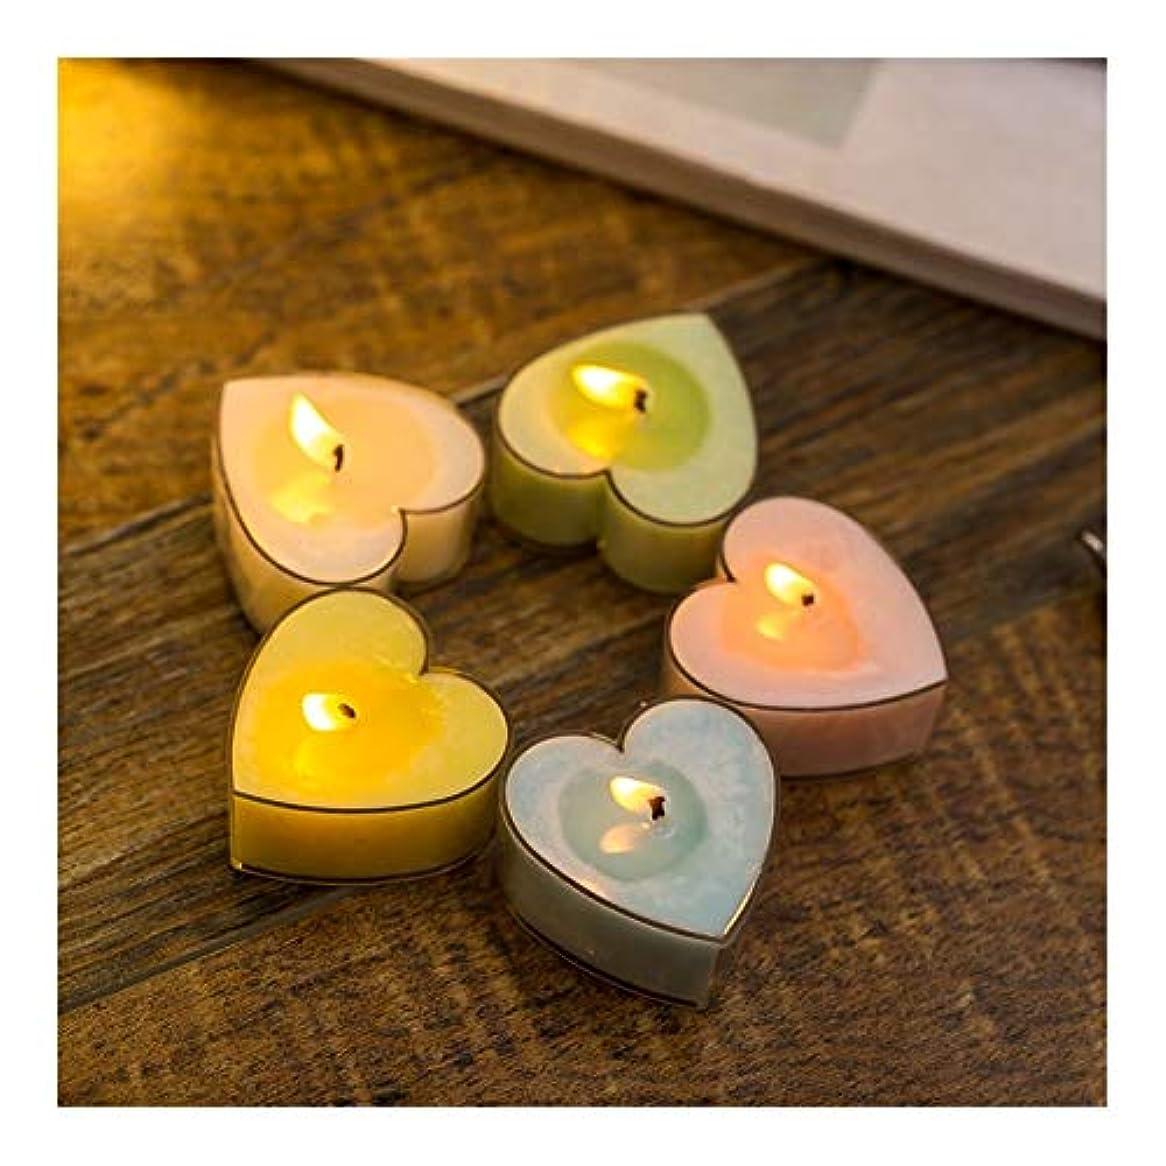 ひそかにステープルすみませんGuomao 家の多彩なモモの中心の香料入りの蝋燭のカップルの悪いギフトの小さい蝋燭 (色 : Marriage)